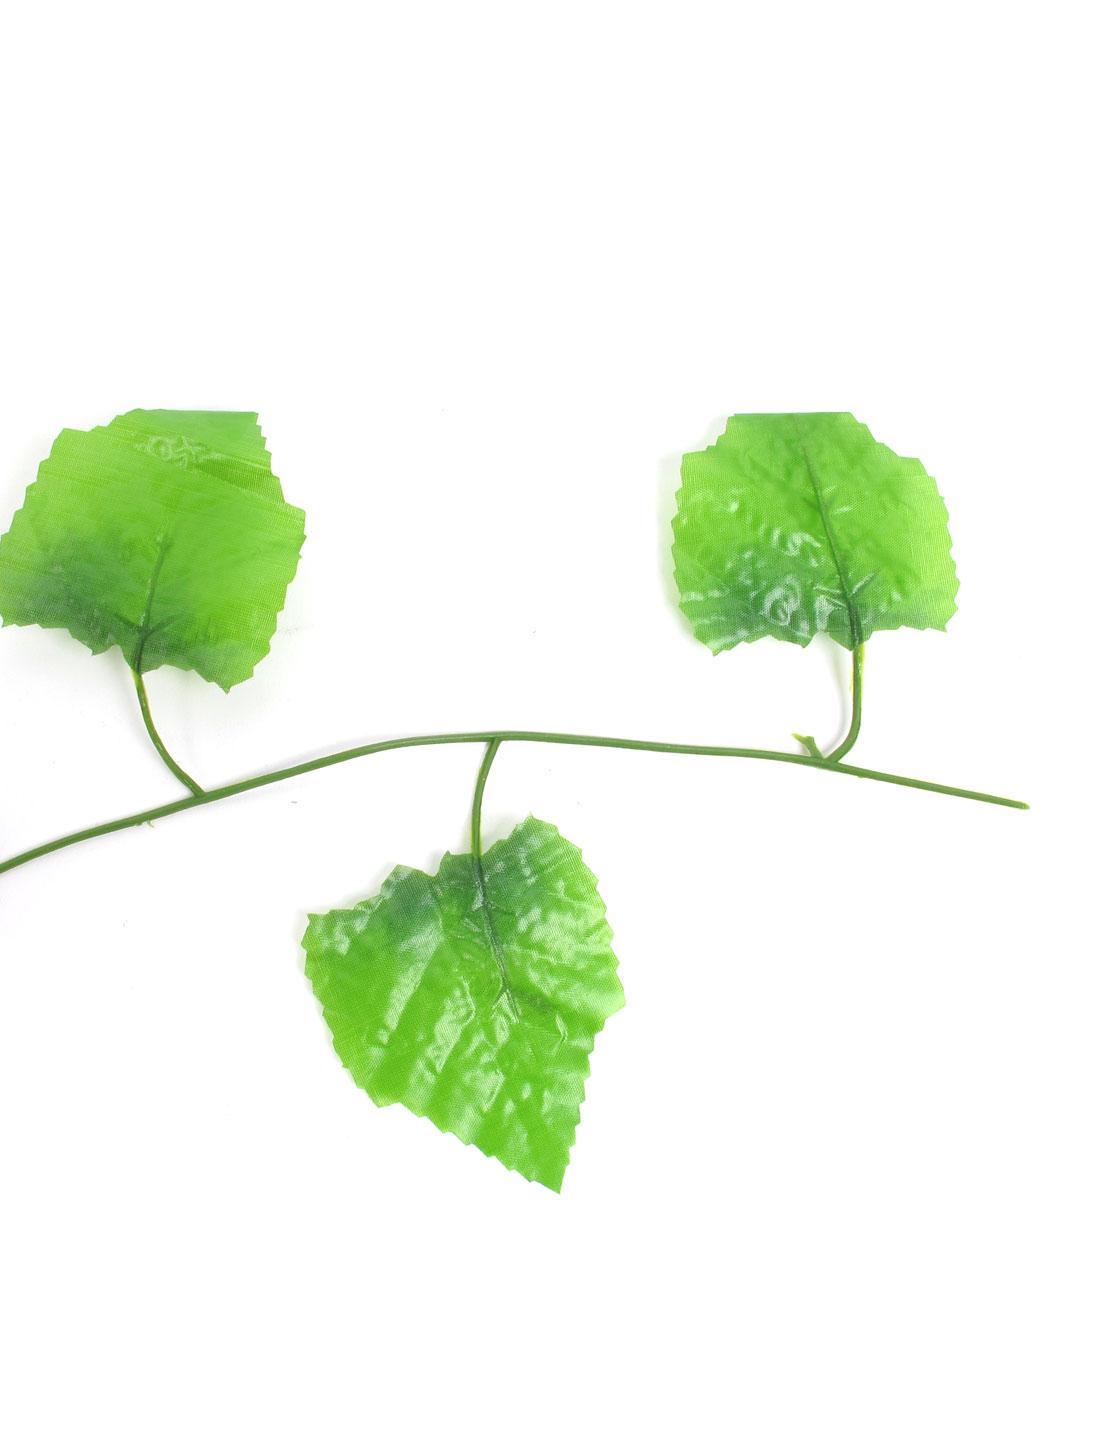 Sweieoni/12 Pcs 2m Lierre Artificiel Plantes Guirlande Vigne 50 Pcs Vert Attache de C/âble Vert Feuillage Artificiel Garland Lvy Feuillage D/écoration pour Mariage Balcon Cuisine Jardin Bureau